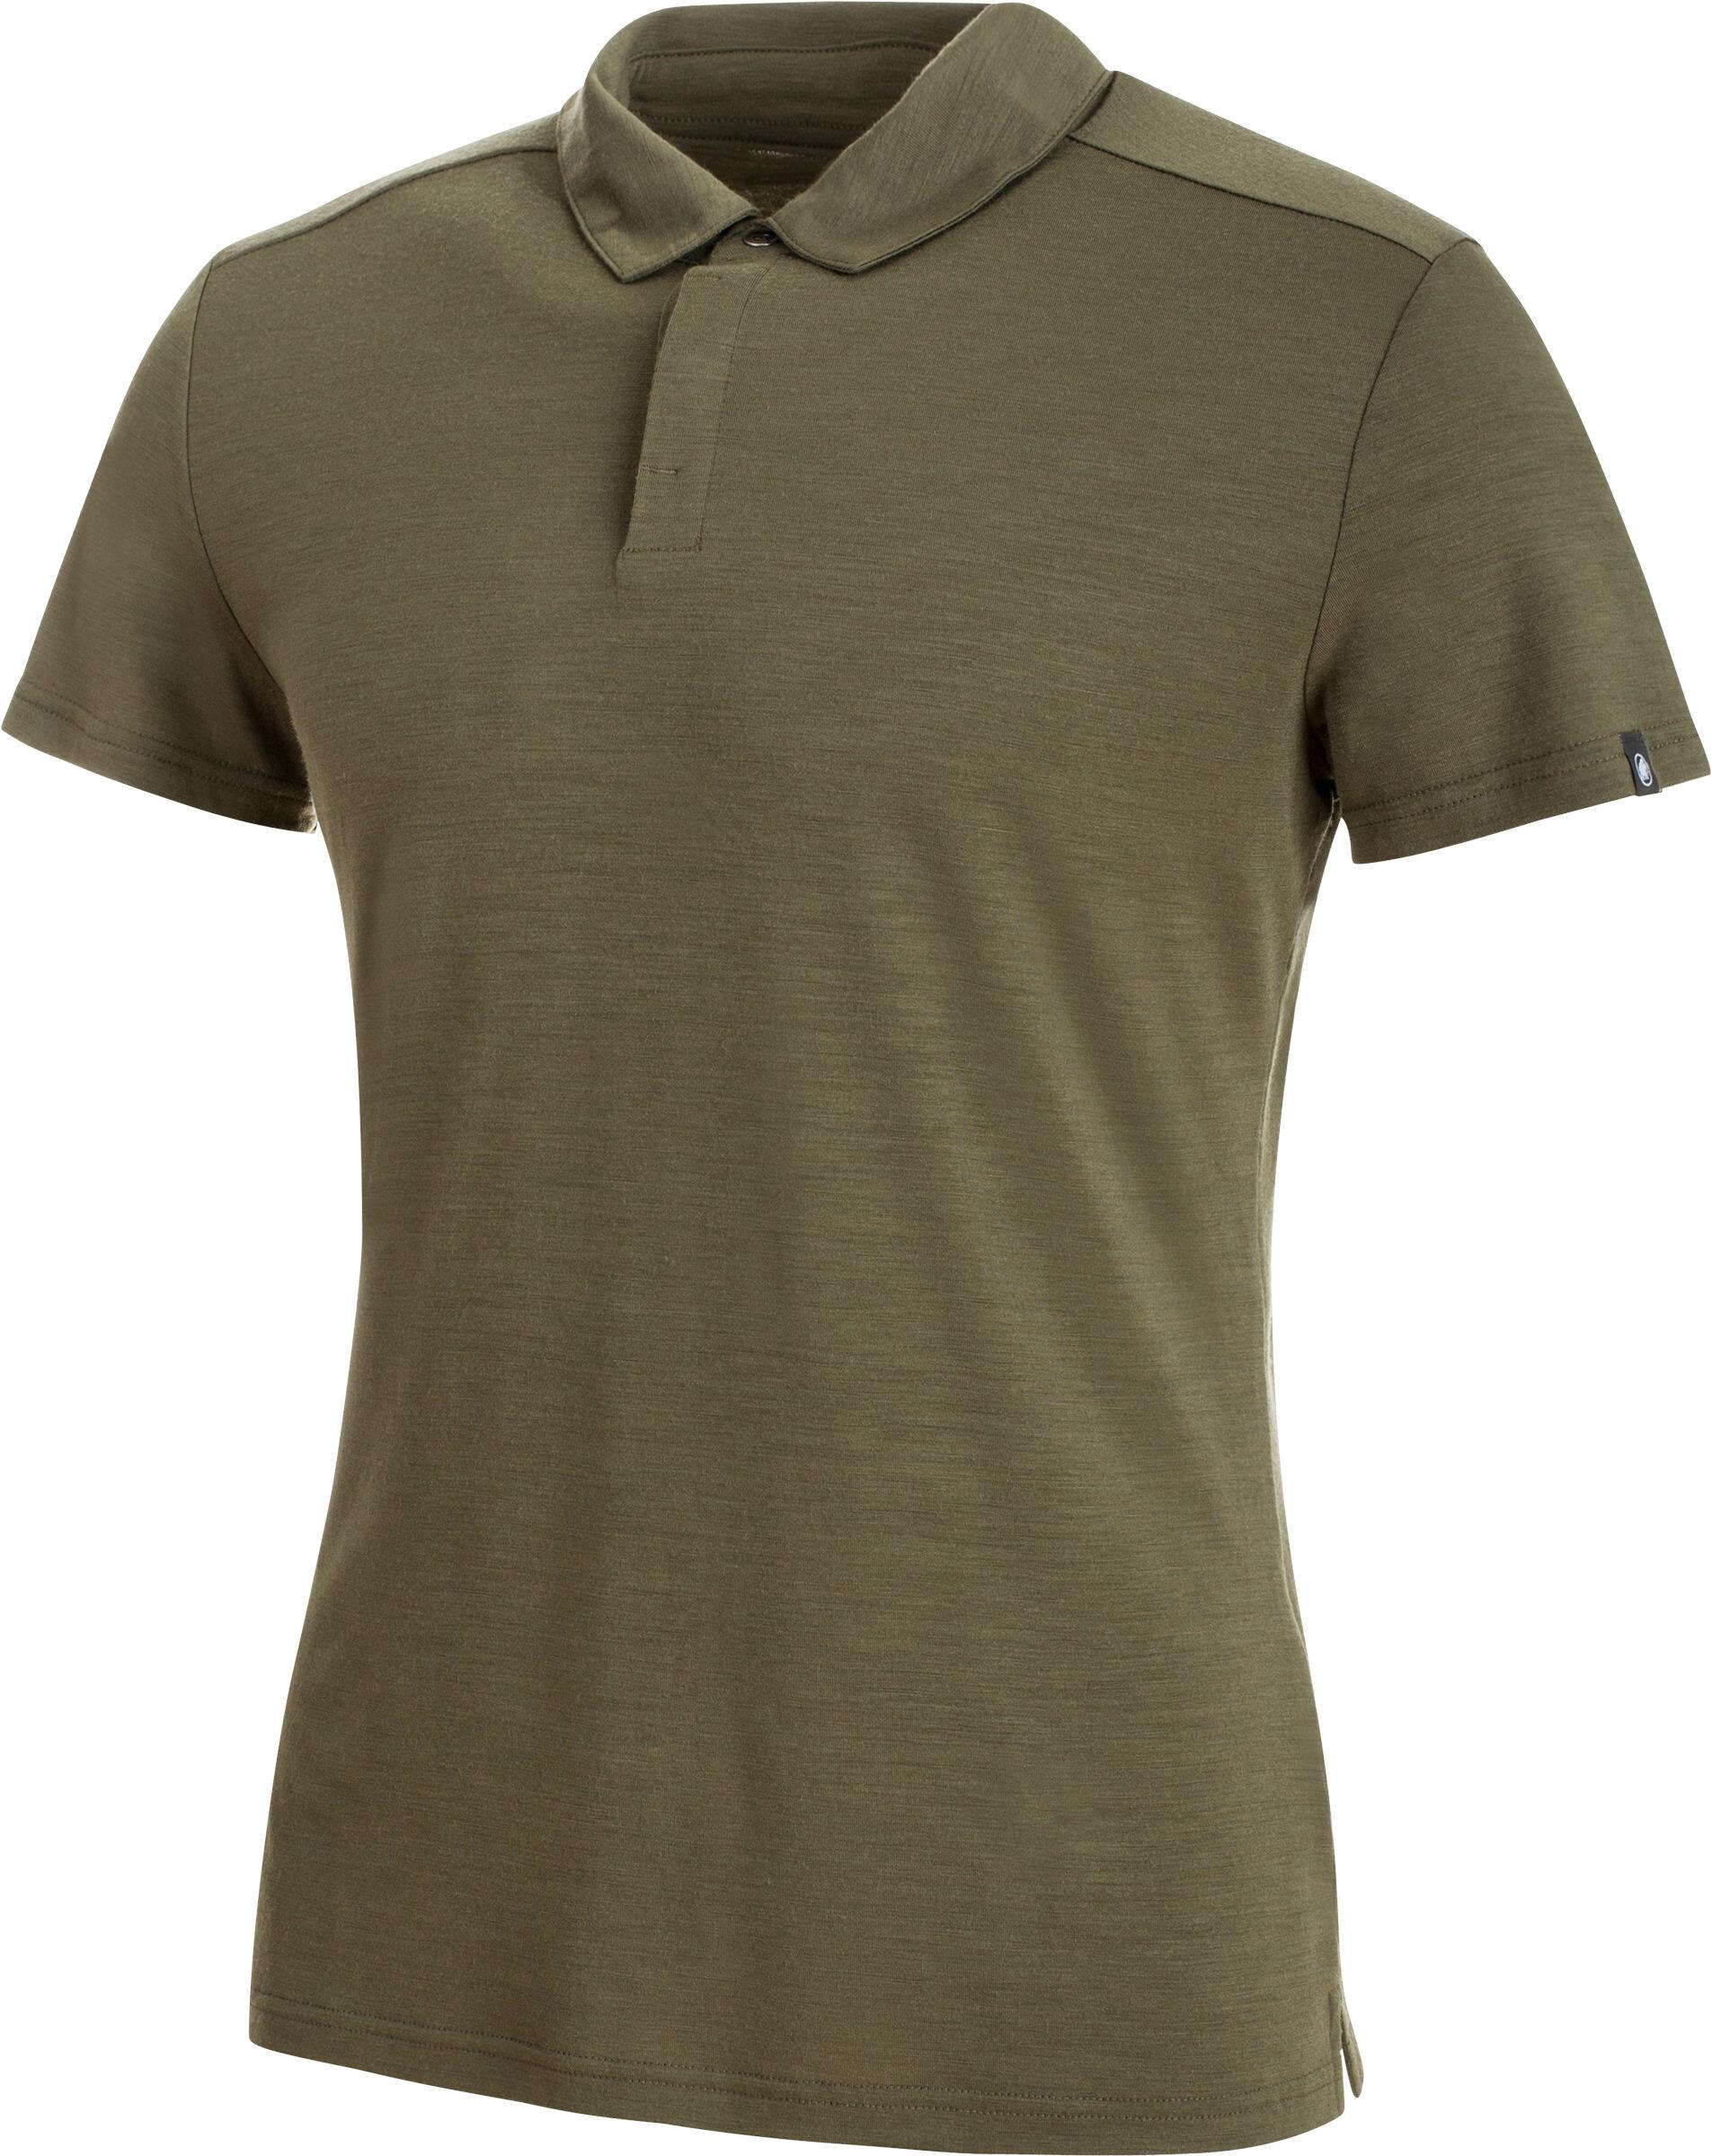 4af82081 Mammut Alvra Shortsleeve Shirt Men olive at Addnature.co.uk